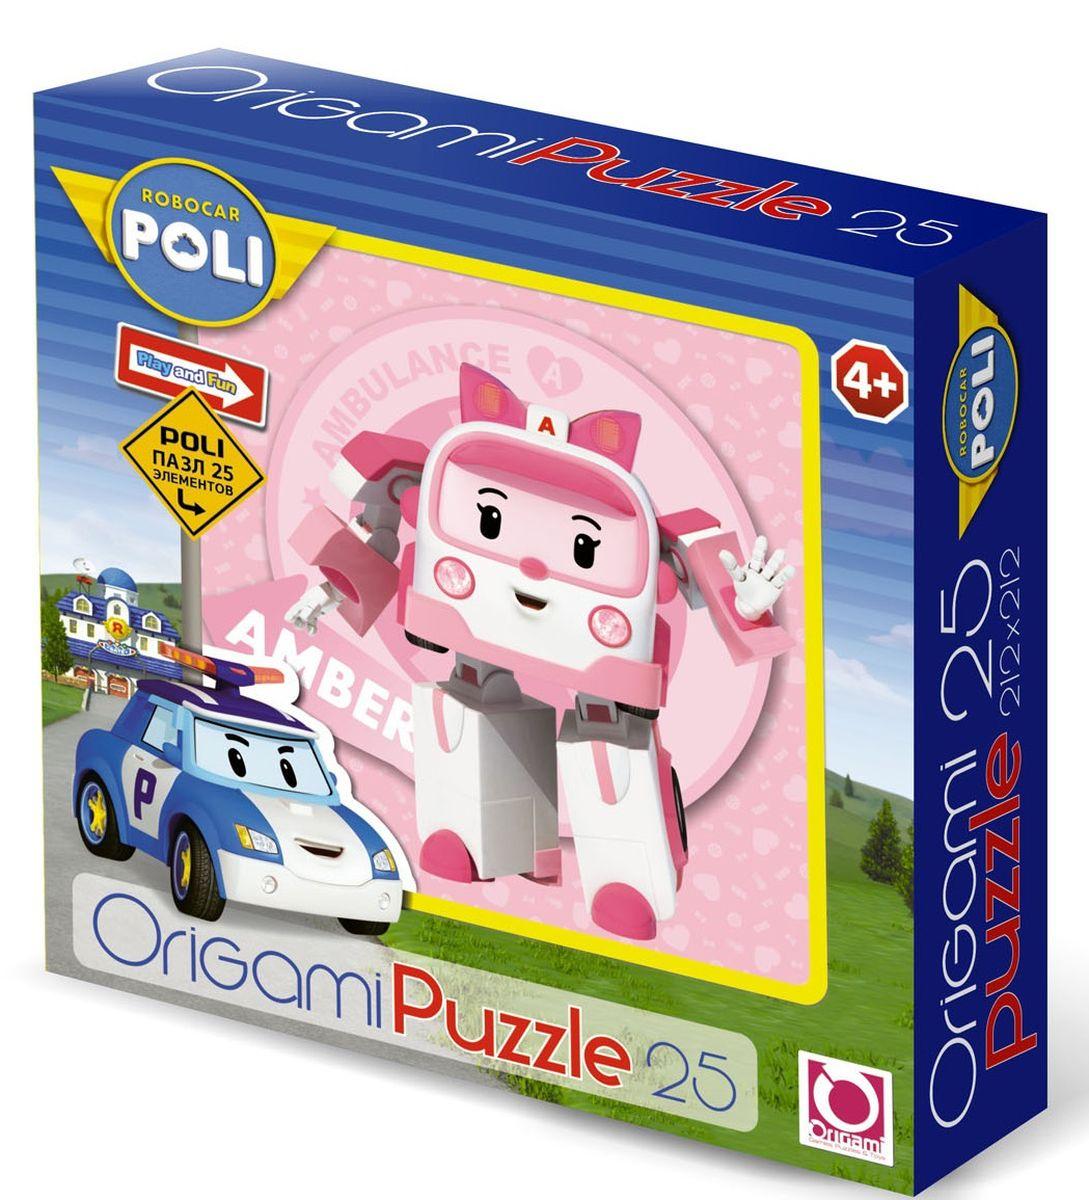 Оригами Пазл для малышей Robocar Poli 00161 оригами пазл для малышей цыпленок с подарком